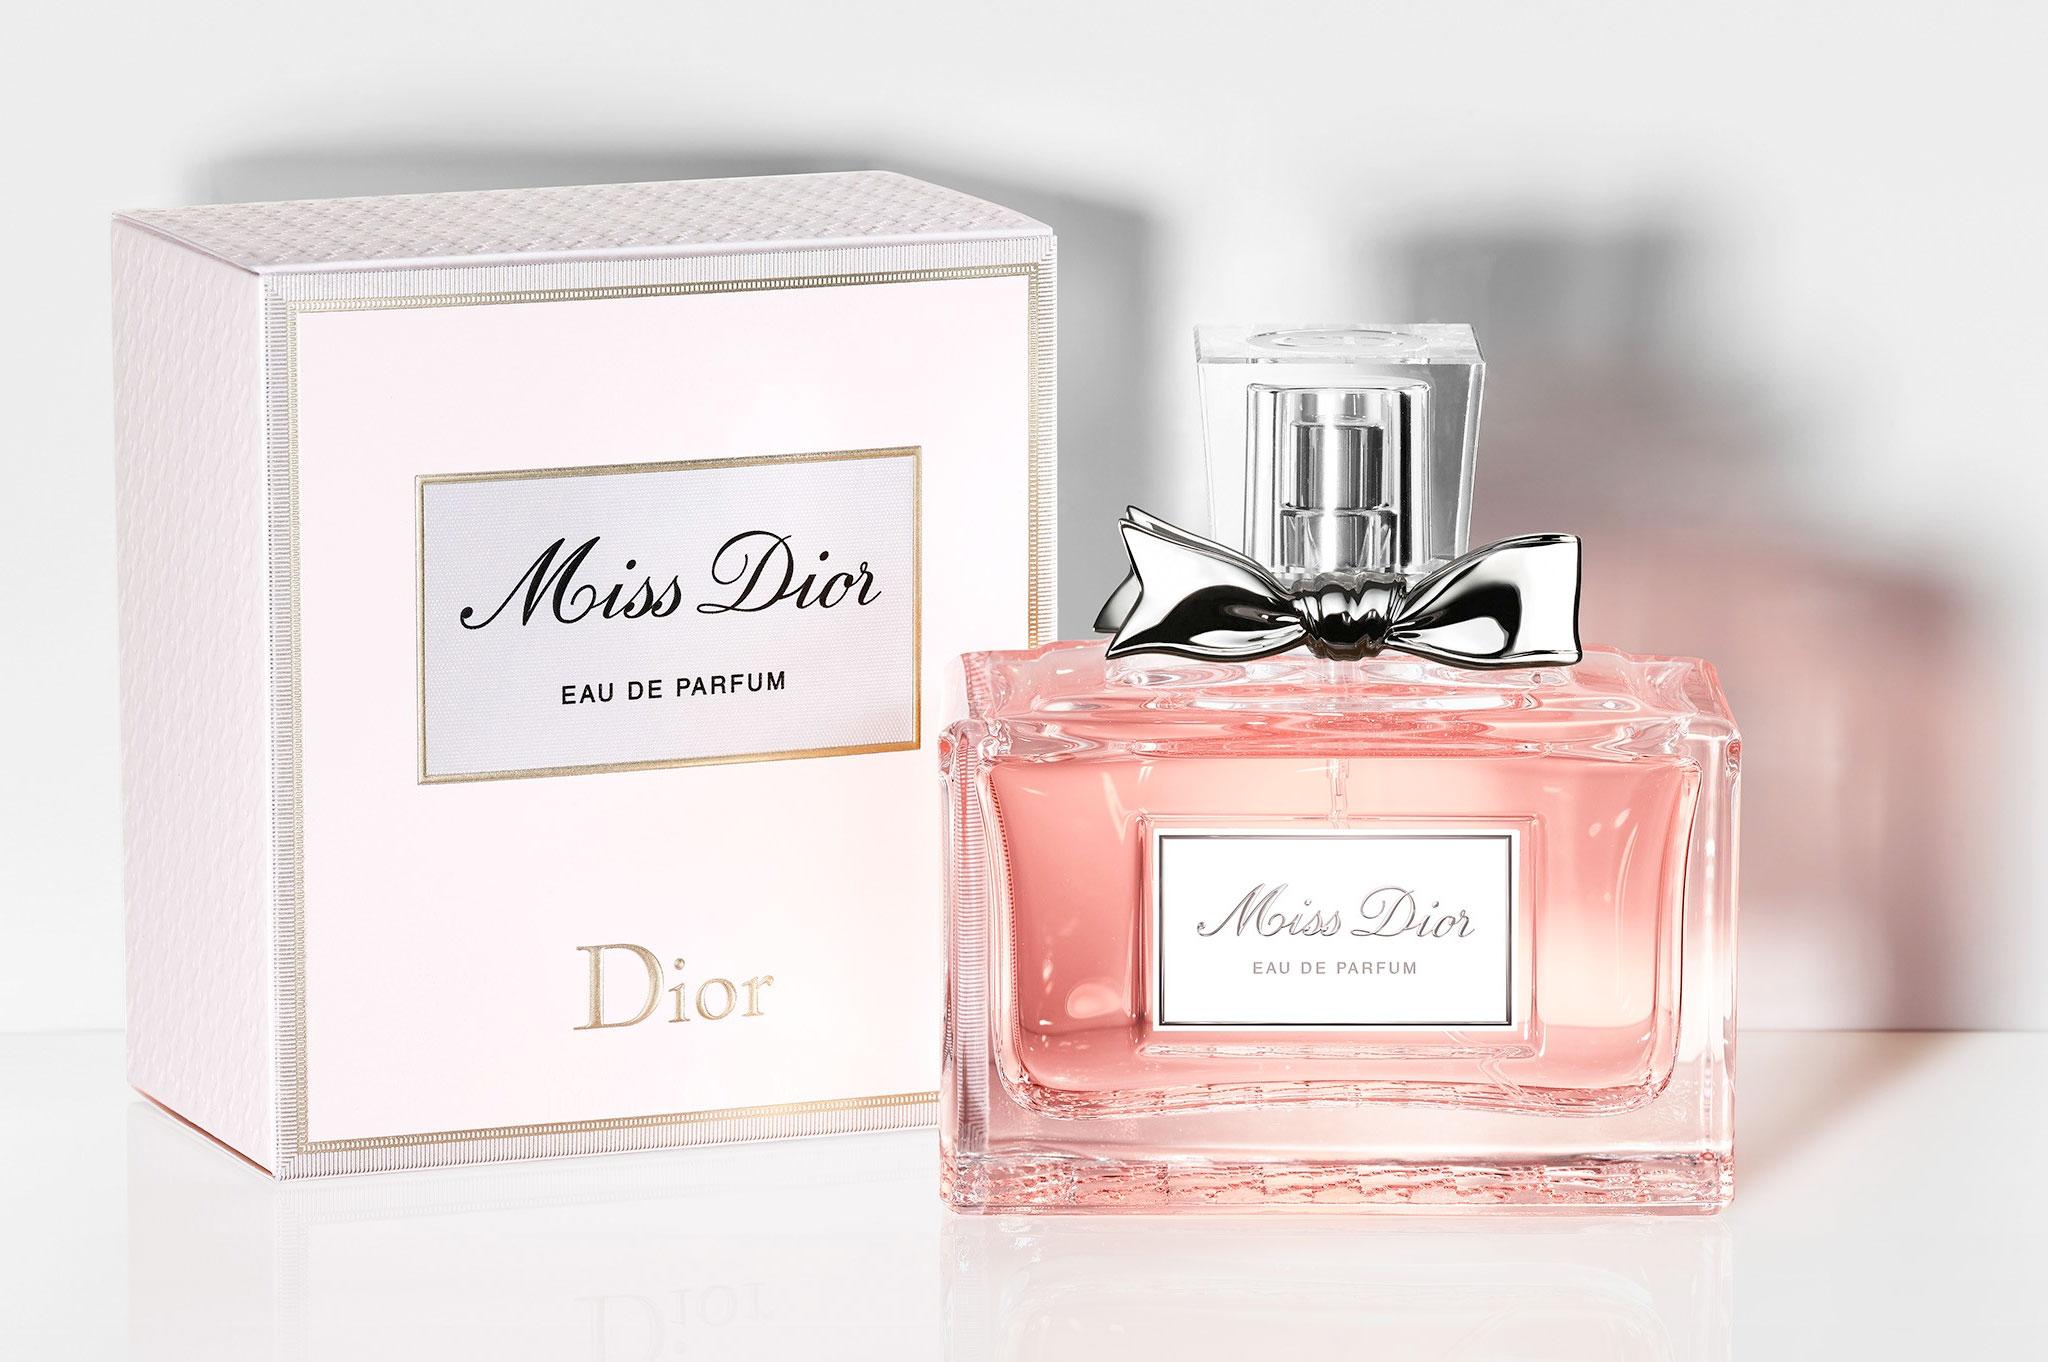 Вот новый Miss Dior Eau de Parfum 2017. Присмотритесь к нему  повнимательнее 3819676d2ac88